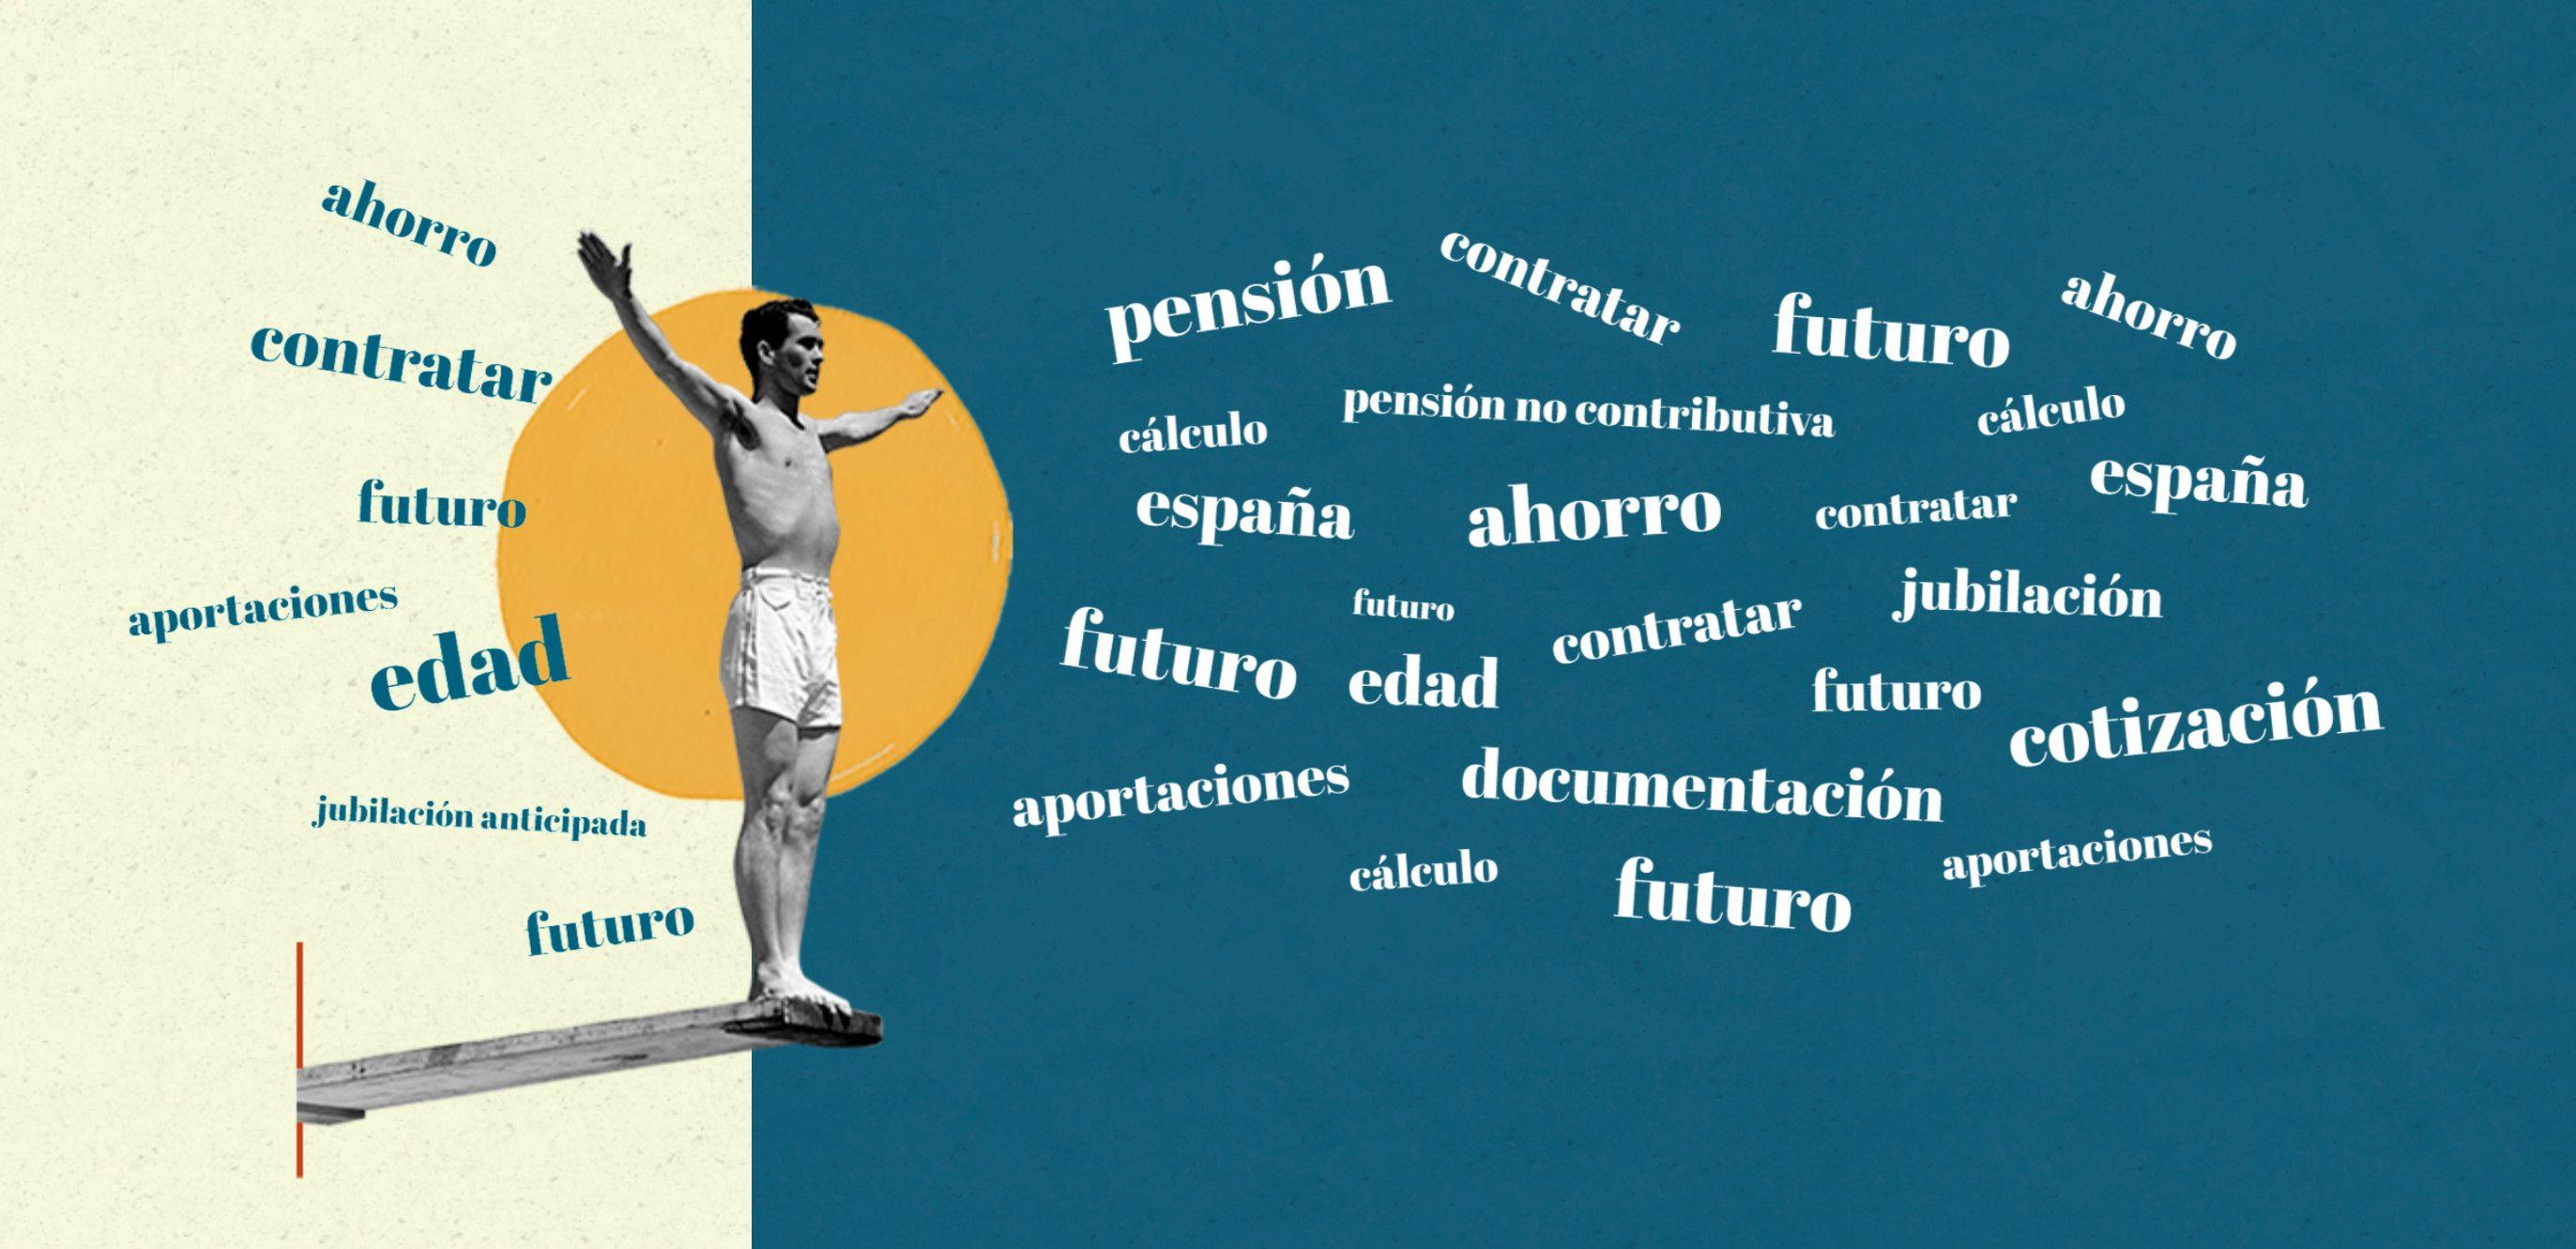 Foto de ¿Qué buscamos más los españoles sobre jubilación y